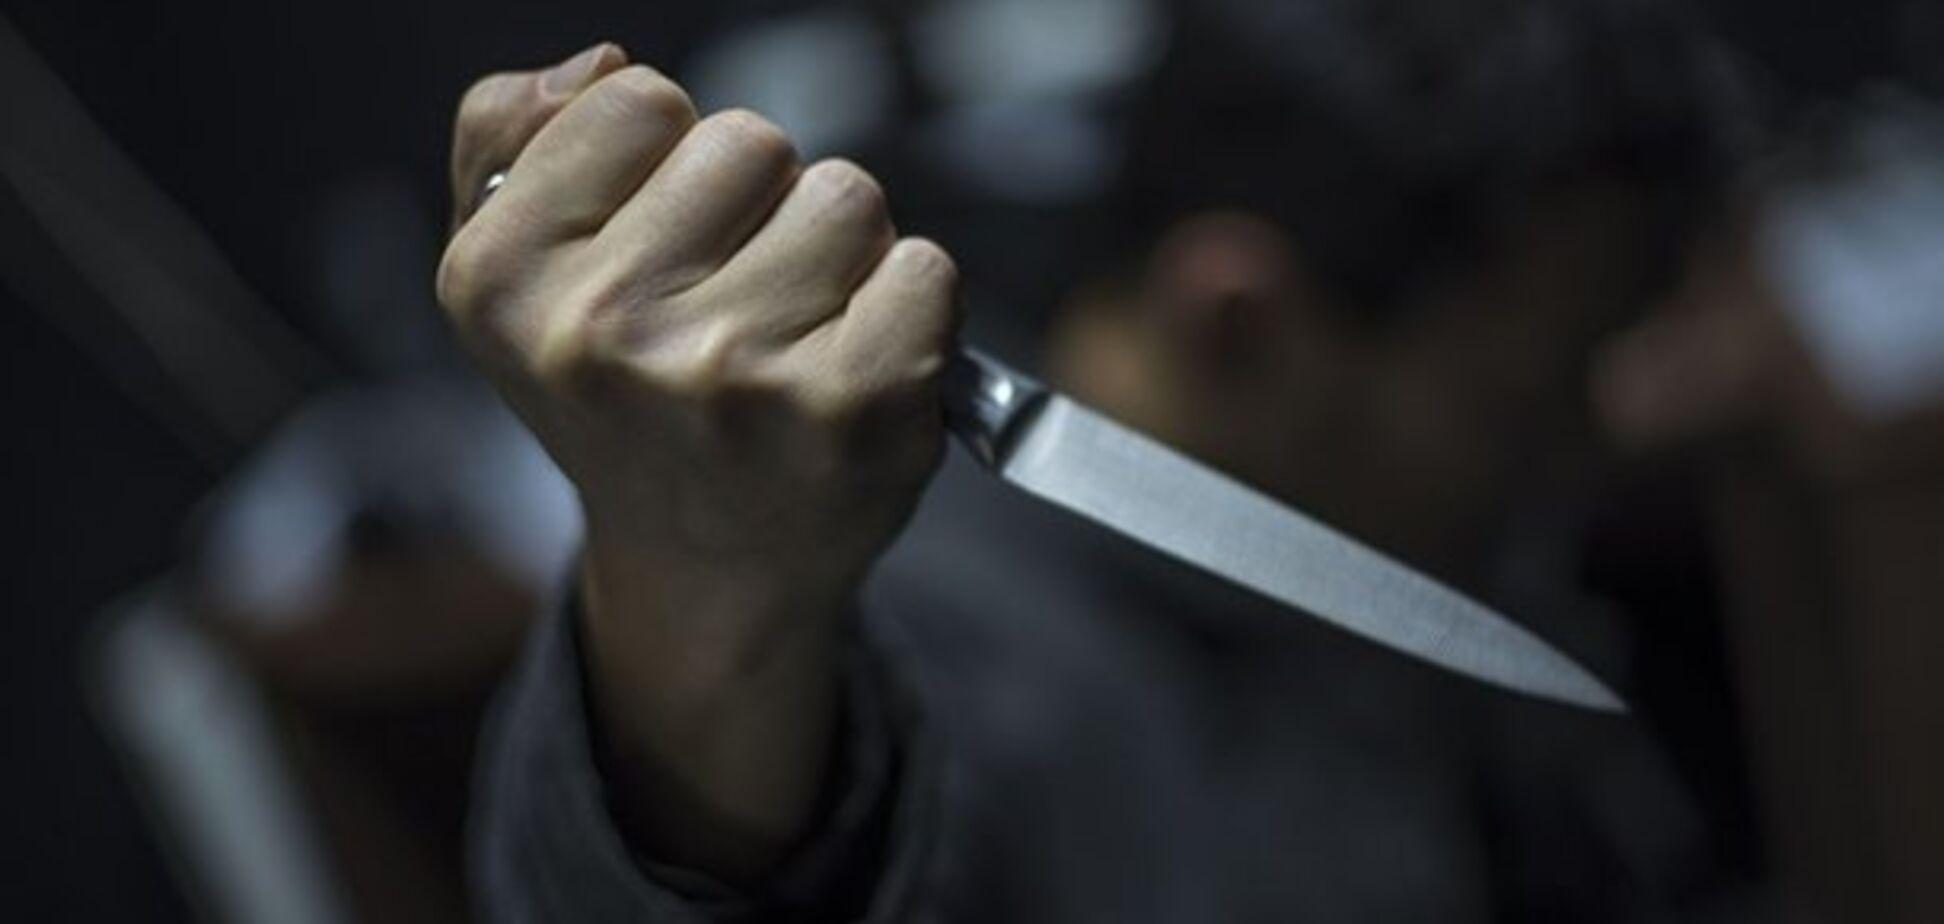 У Києві орудує маніяк? Українці занепокоїлися через звірячі вбивства жінок